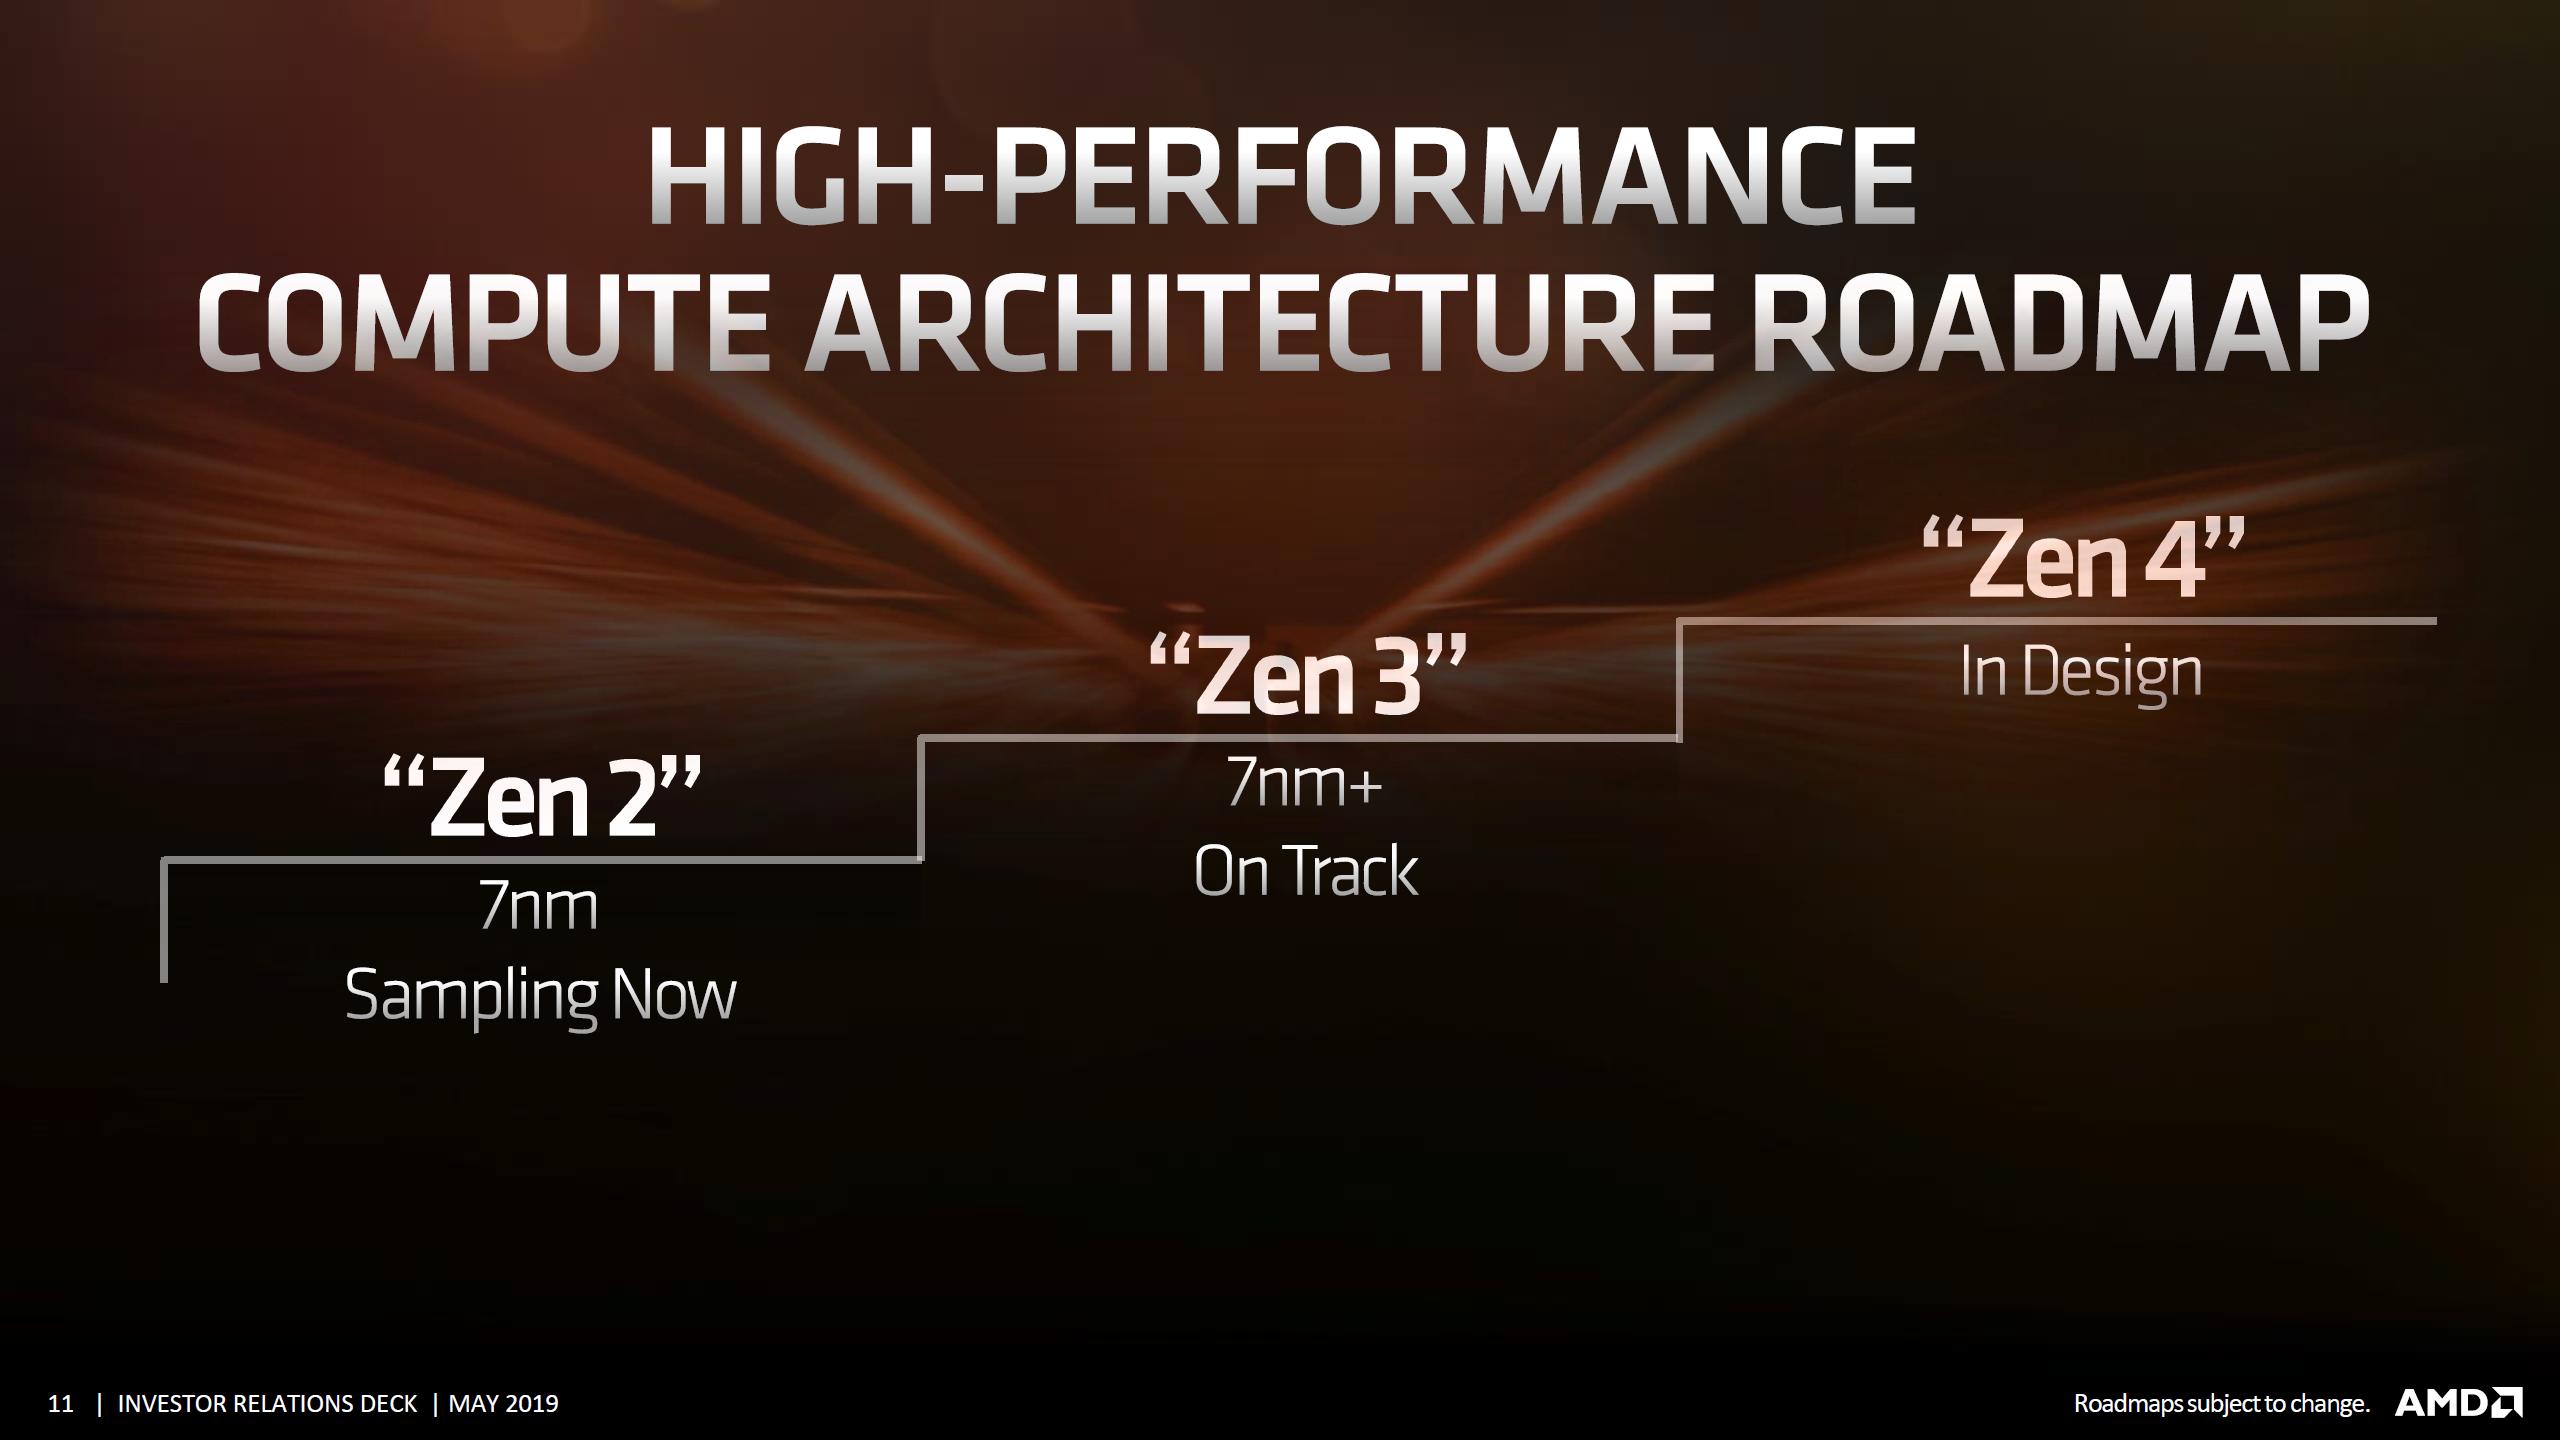 amd cpu gpu roadmap investor presentation 2 ลือ!! ซีพียู AMD ZEN4 ขนาด 5nm ประสิทธิภาพแรงขึ้น 40% เมื่อเทียบกับ ZEN3 และมี IPC ดีขึ้นกว่าเดิม 25% กันเลยทีเดียว